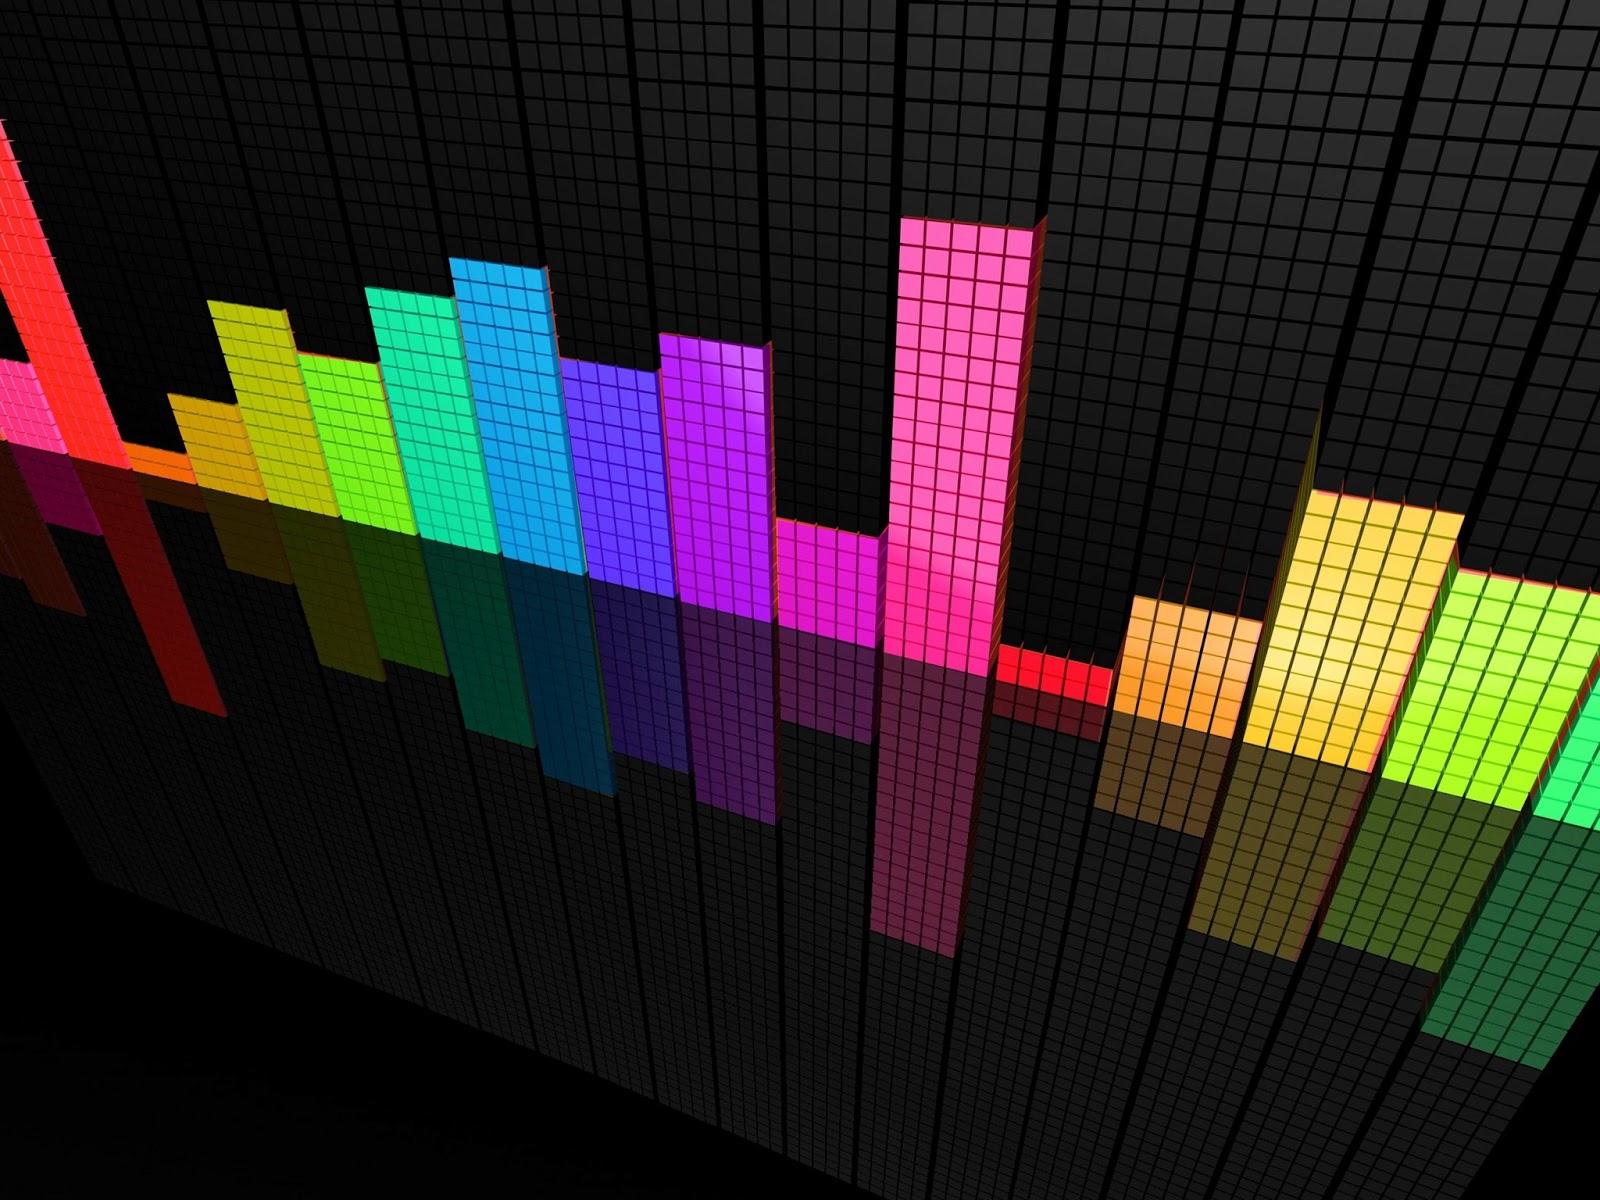 Fondo De Pantalla Abstracto Barras De Colores: Descarga Fondos HD: Fondo Pantalla Abstracto